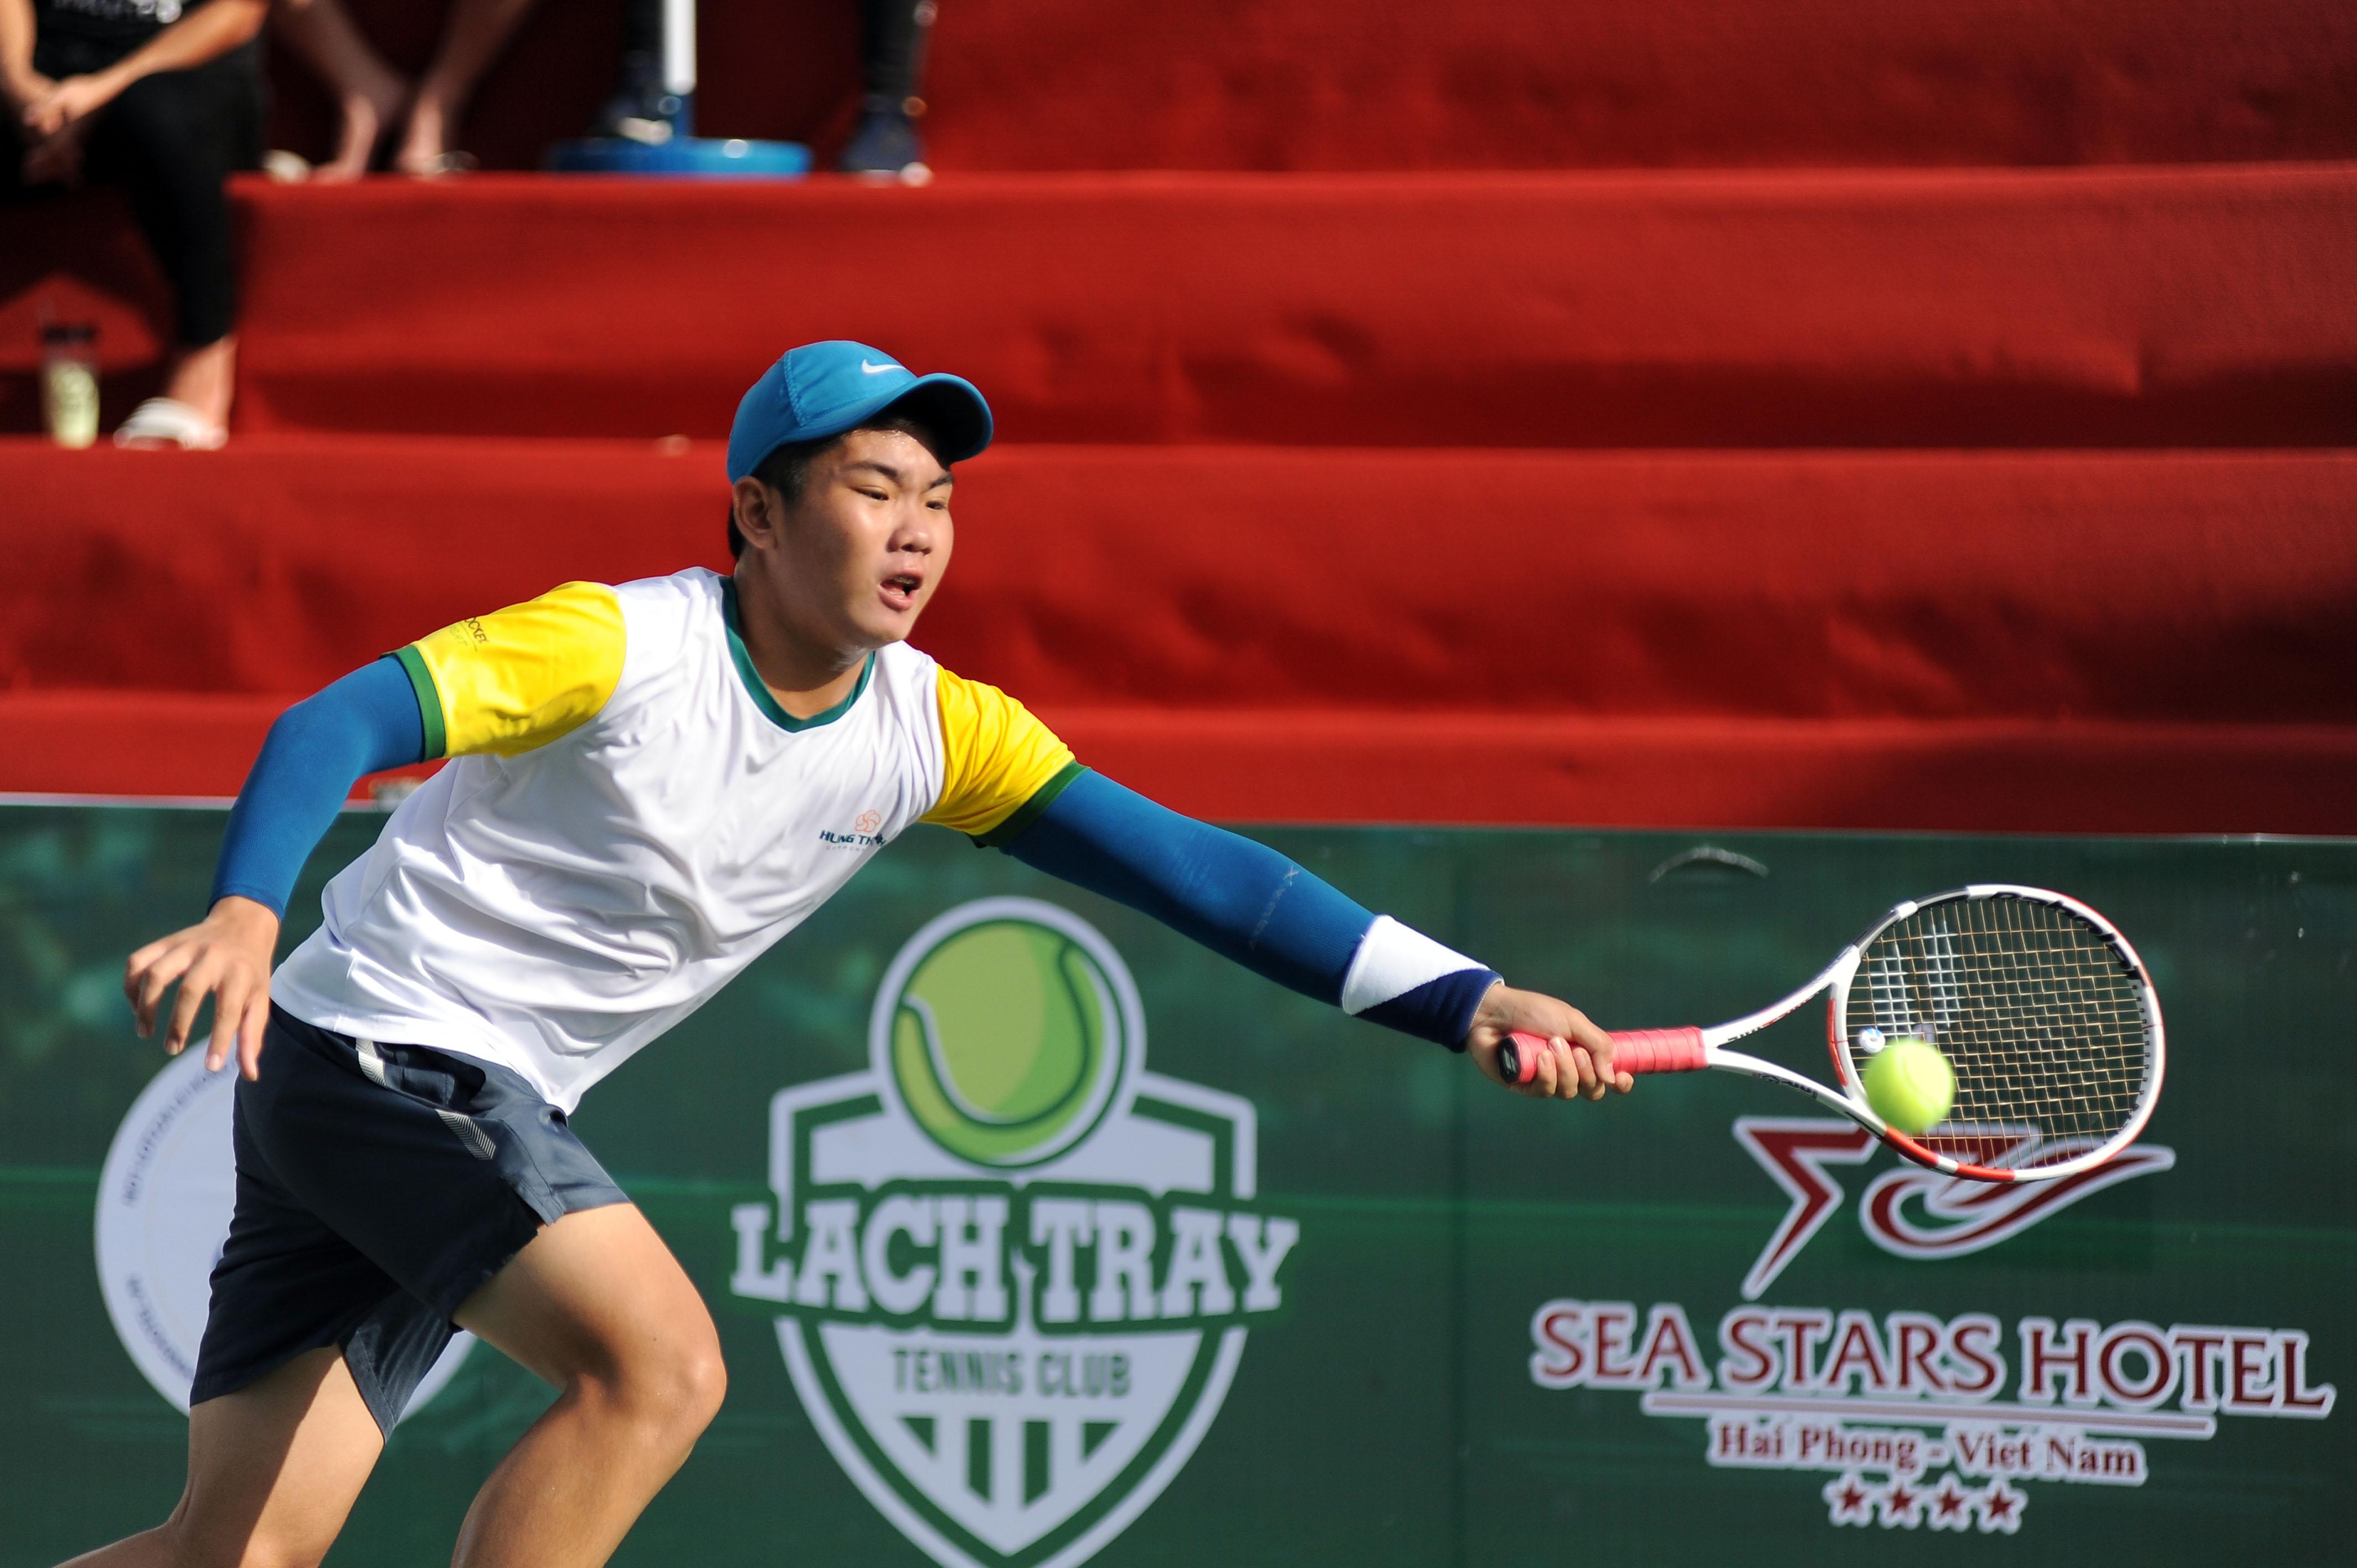 Hình ảnh: VTF Masters 500 – 2 – Lach Tray Cup 2020: Các tay vợt mạnh đều thắng dễ số 1